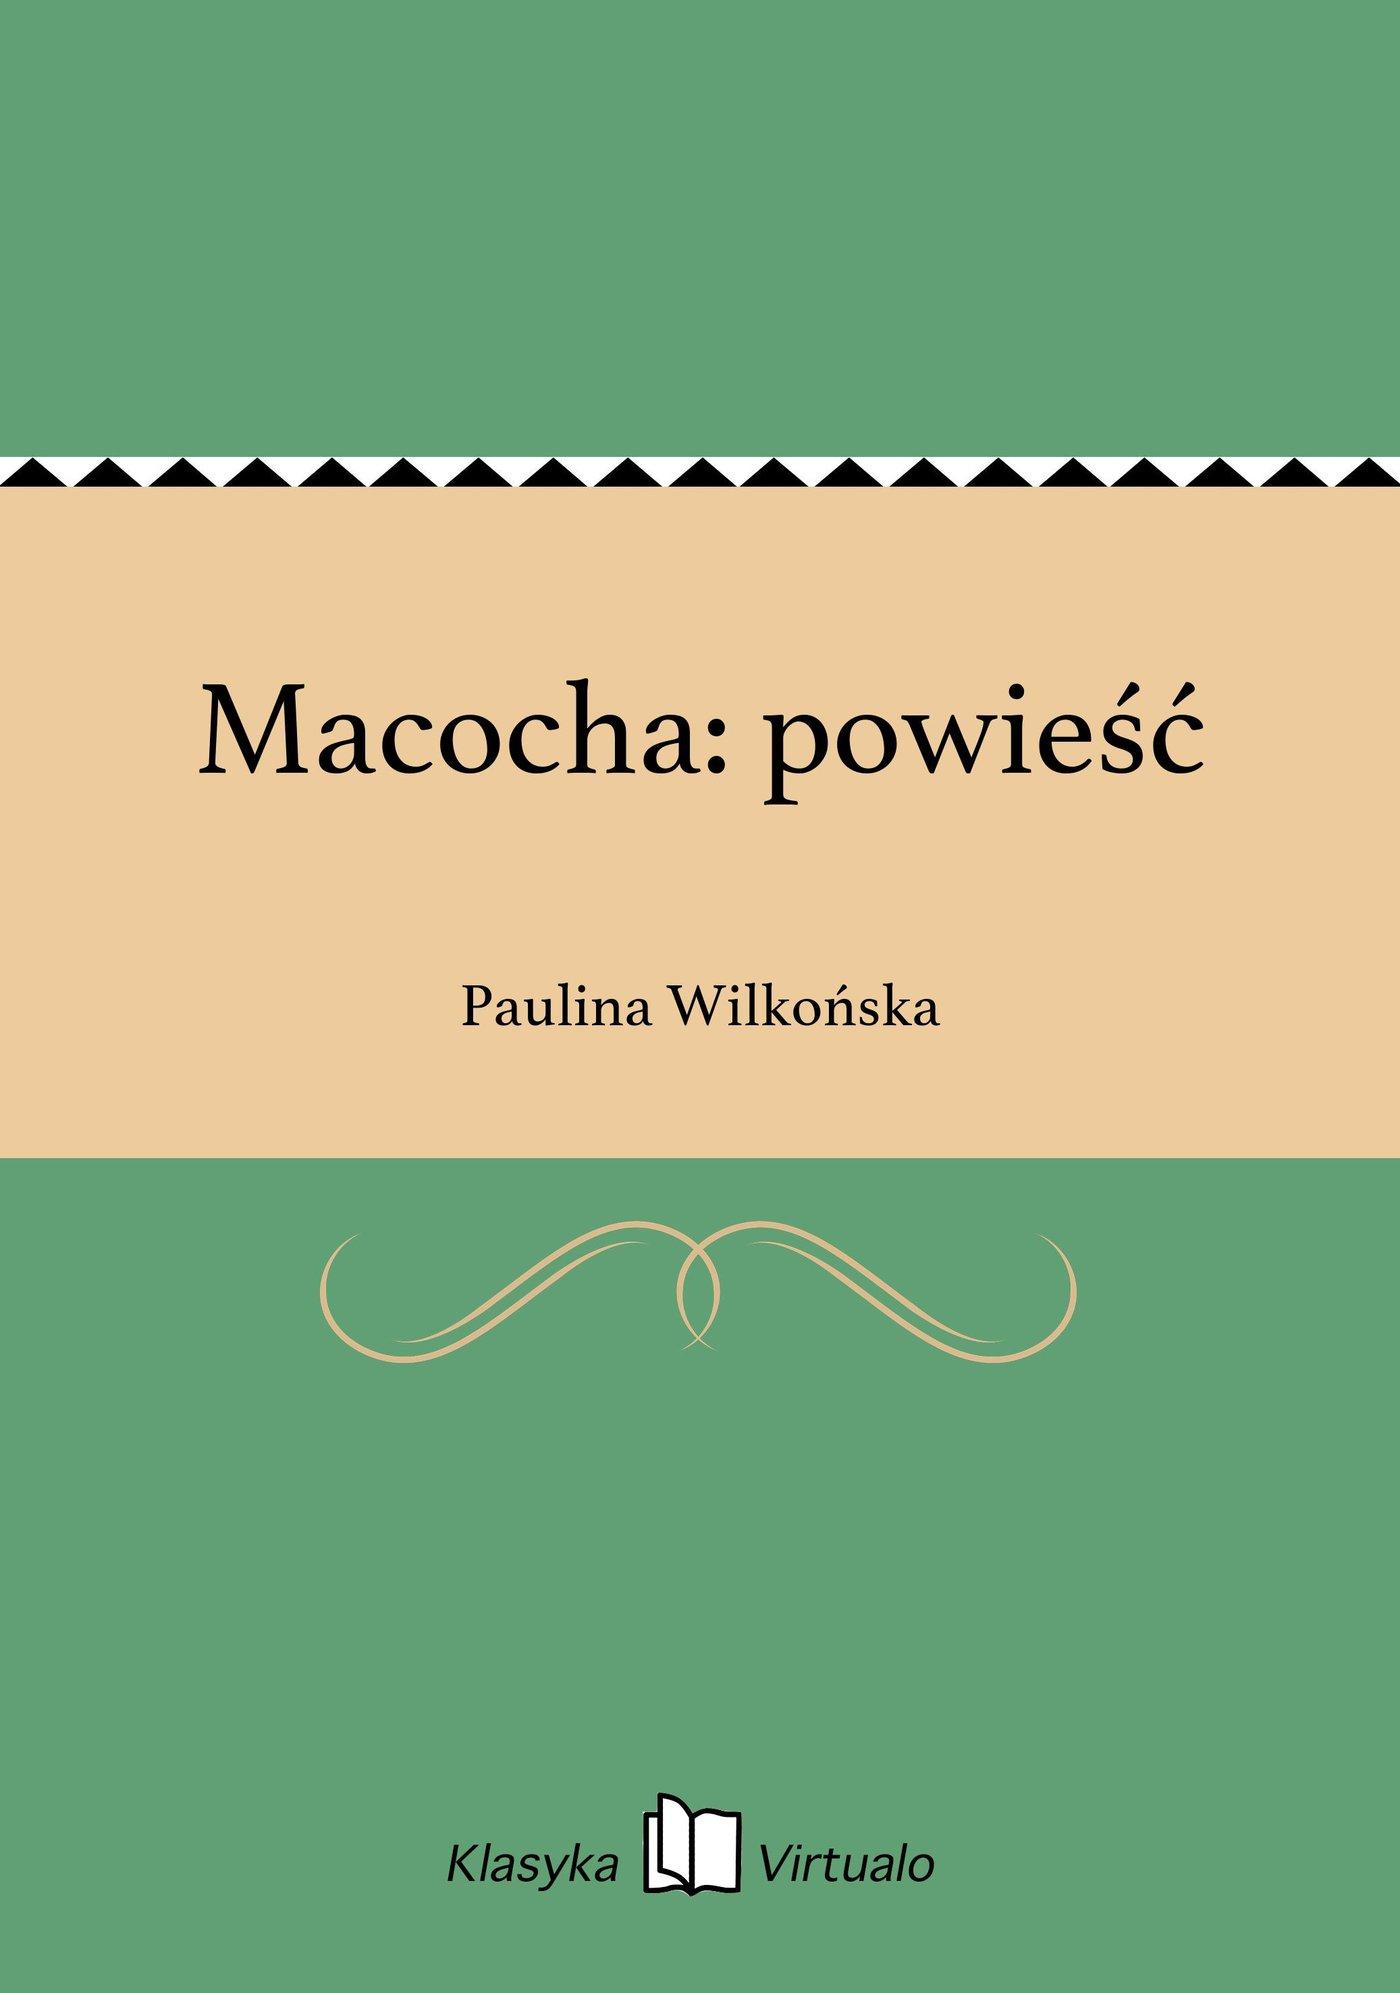 Macocha: powieść - Ebook (Książka EPUB) do pobrania w formacie EPUB